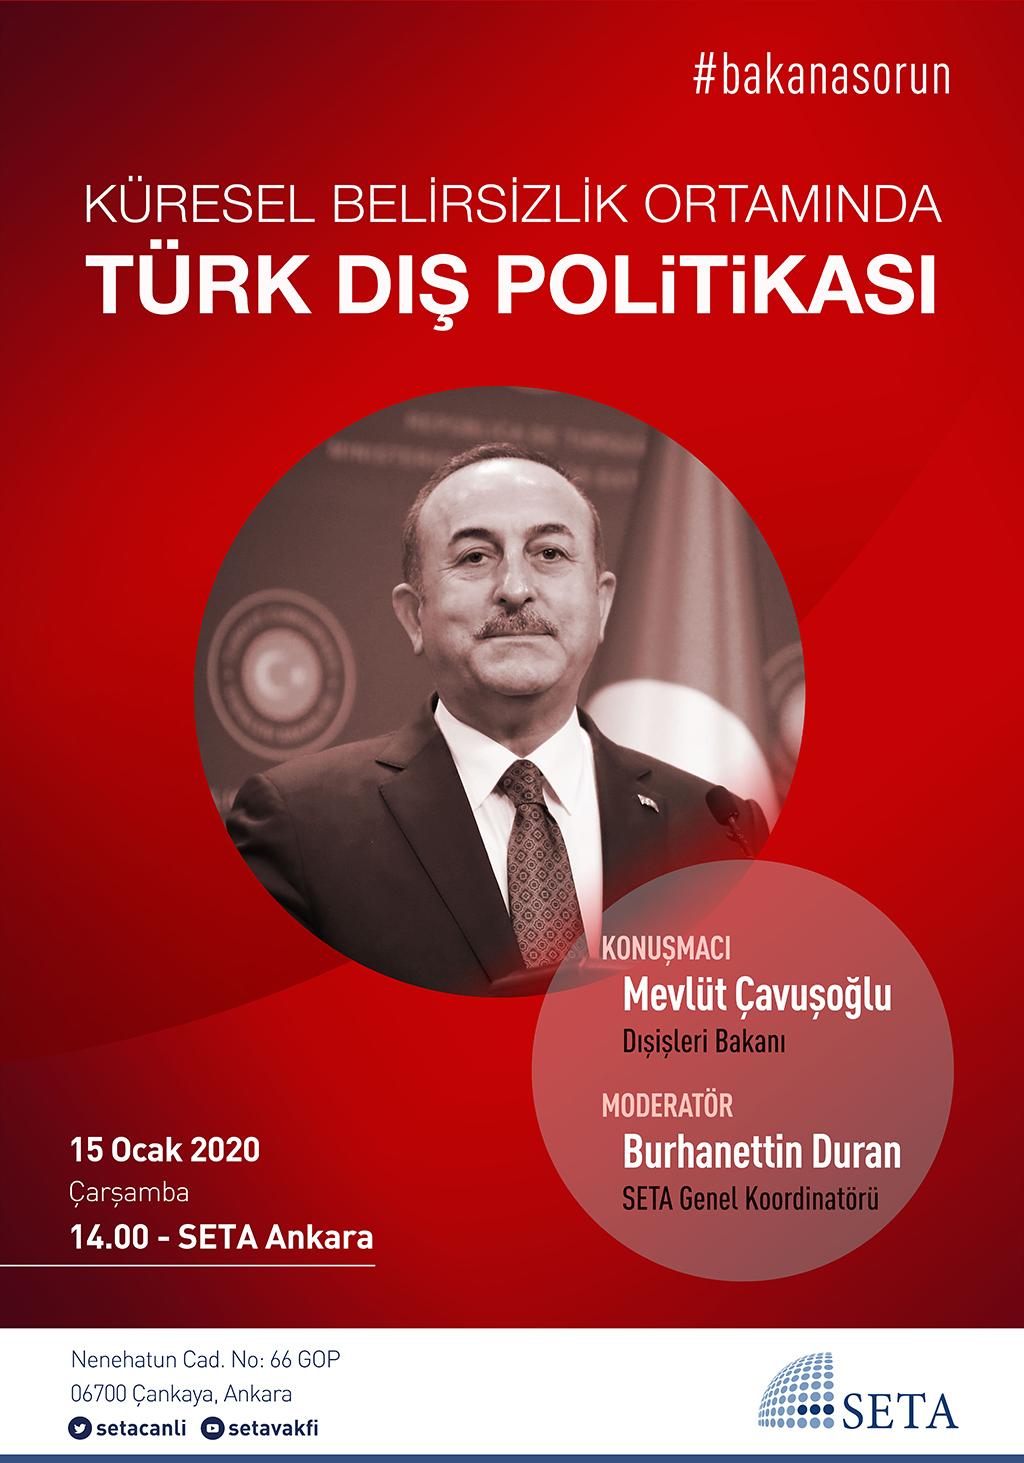 Özel Oturum: Küresel Belirsizlik Ortamında Türk Dış Politikası   #BakanaSorun Dışişleri Bakanı Mevlüt Çavuşoğlu